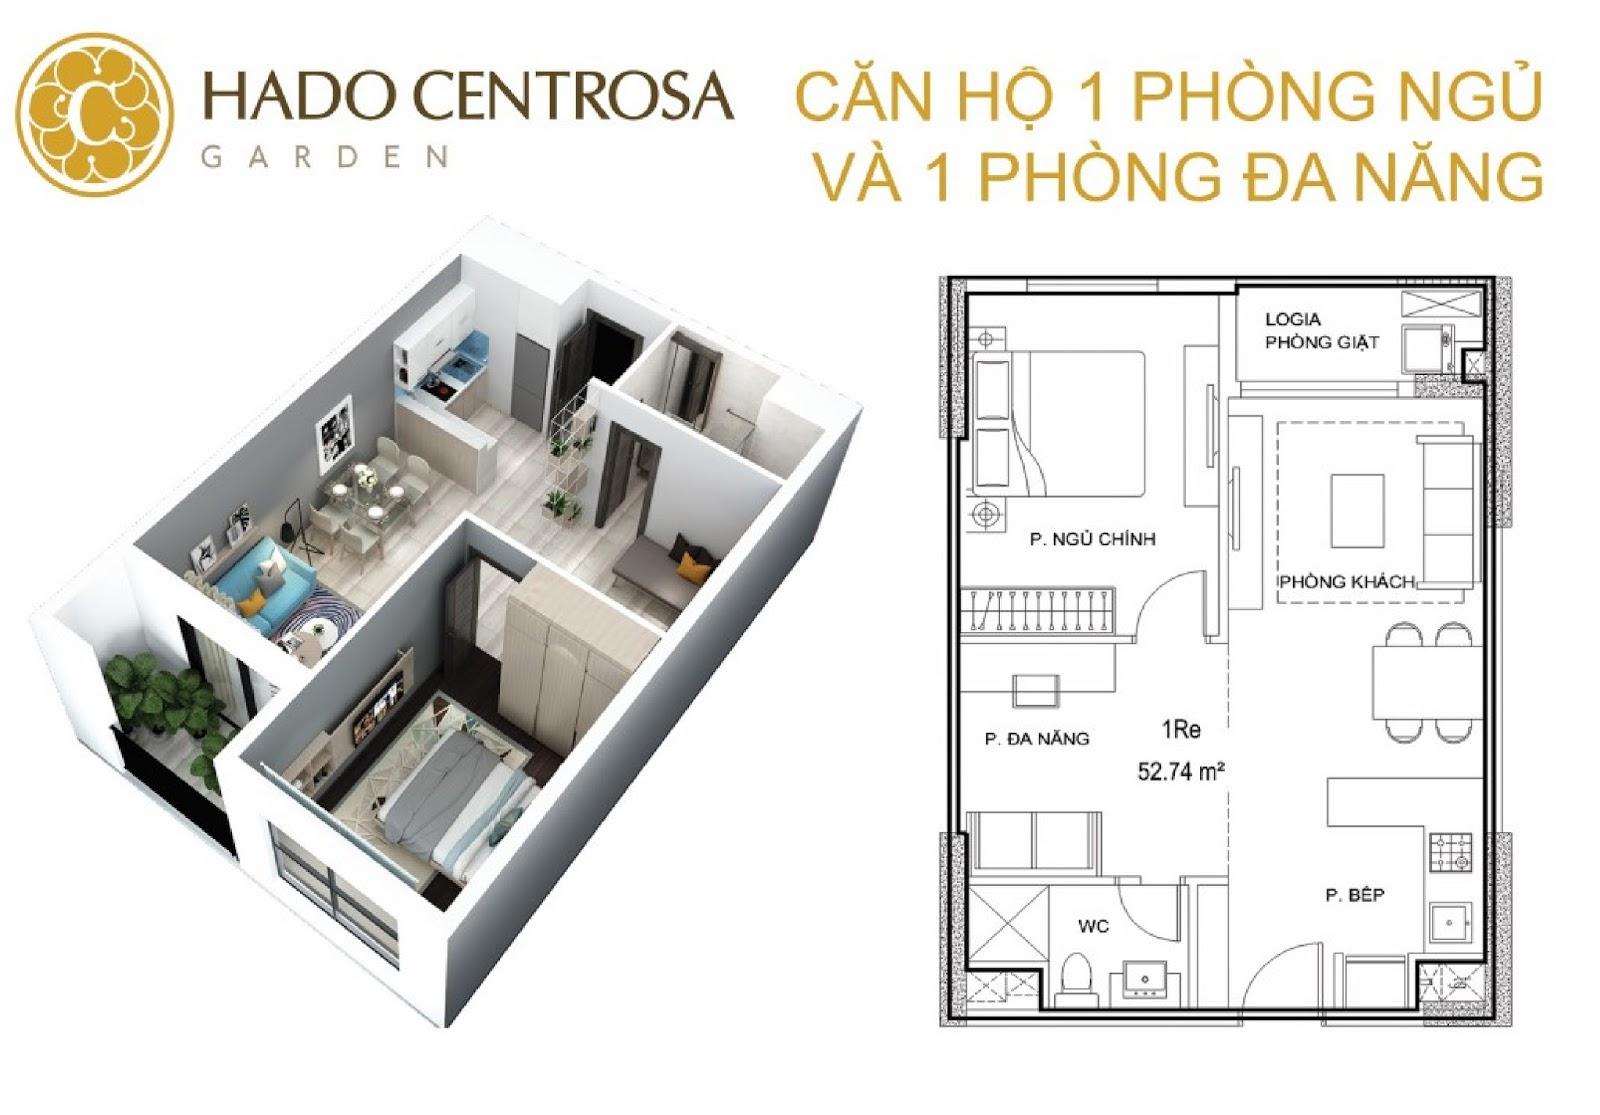 nhà mẫu căn hộ hà đô centrosa garden quận 10